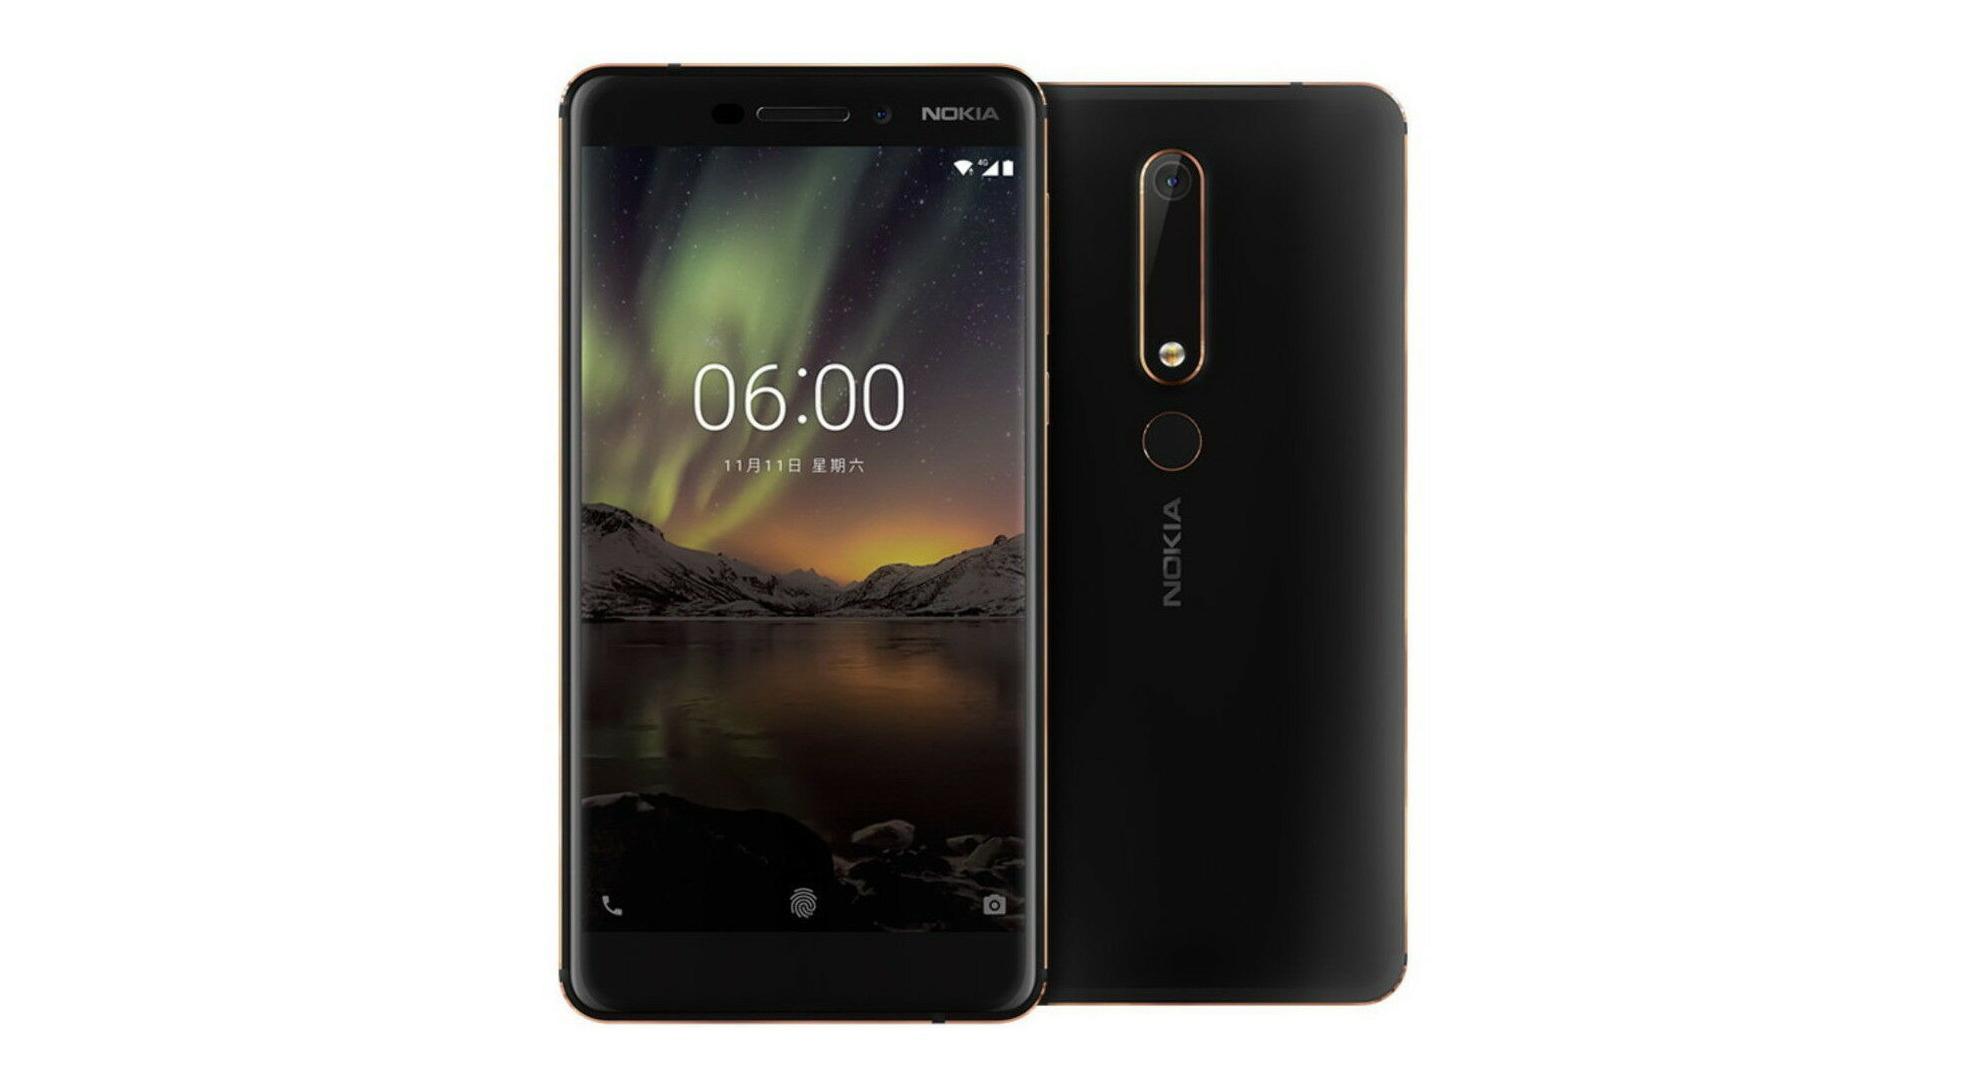 🔥 Bon plan : le Nokia 6 2018 (avec Android One) descend à 135 euros